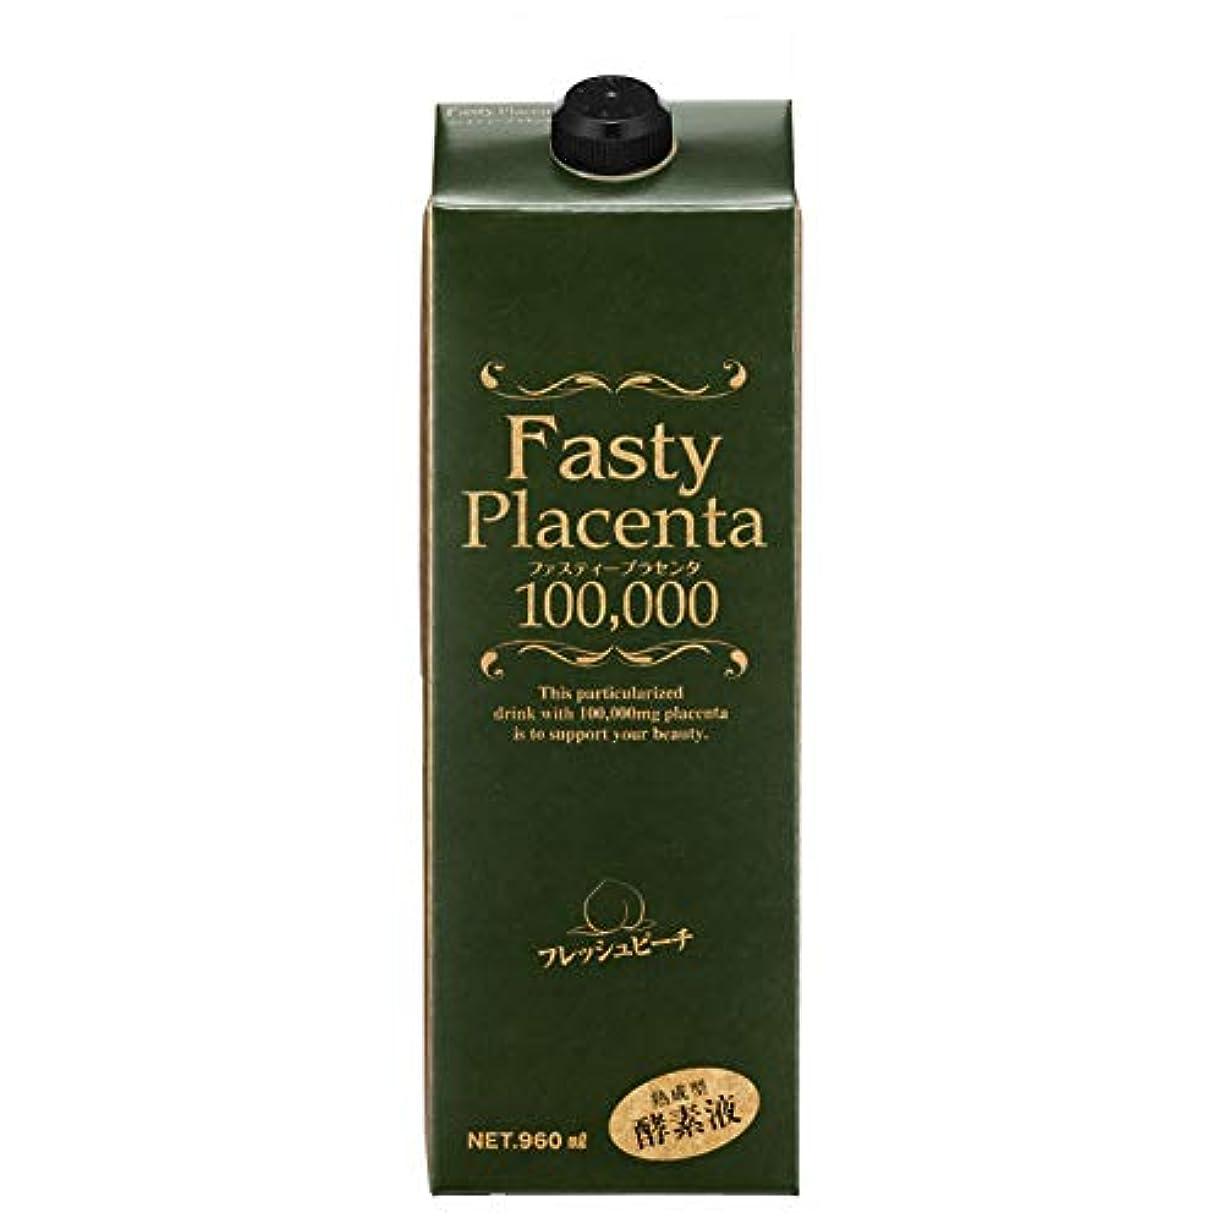 習慣遺棄されたかわいらしいファスティープラセンタ100,000 増量パック(フレッシュピーチ味)1個